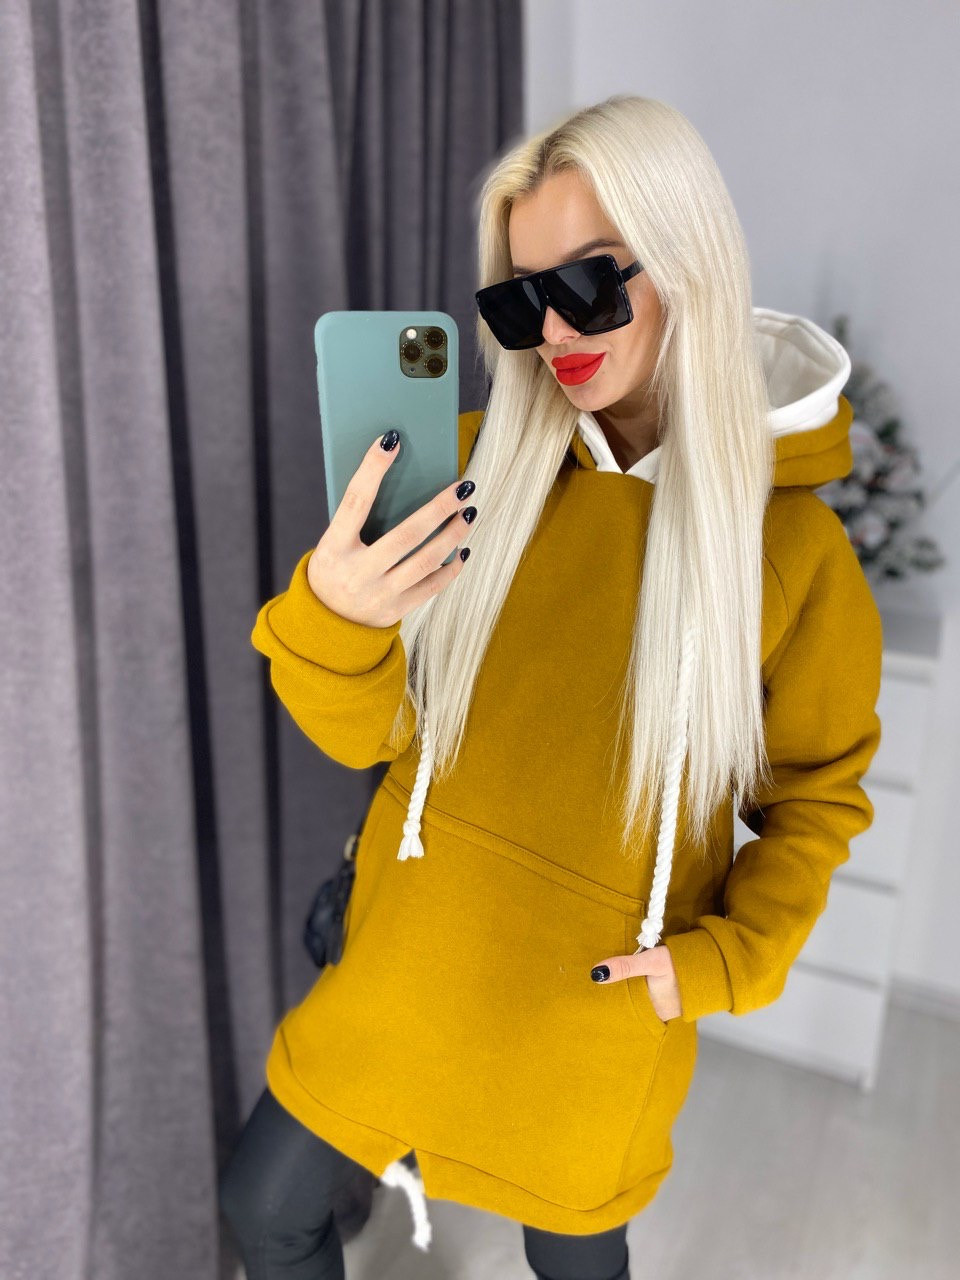 Женское зимнее теплое удлиненное худи на флисе графит молочный пудра джинс оранжевый кирпич терракот 42-46